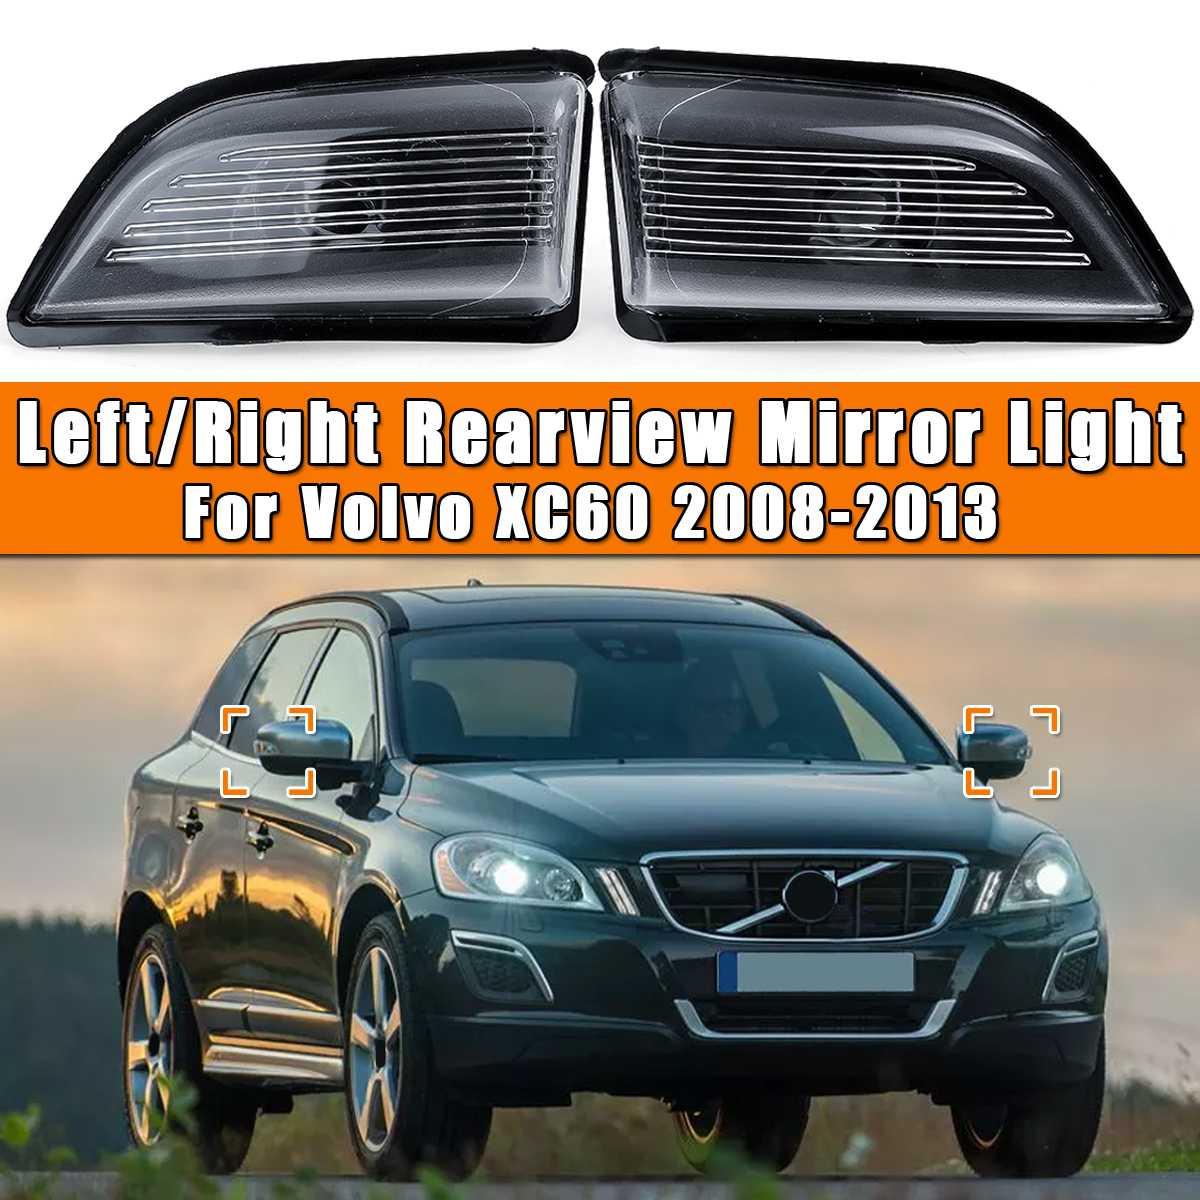 Feu de rétroviseur latéral pour Volvo XC60   2008 2009 2010 2011 2012 2013, feu de signalisation de rétroviseur de porte